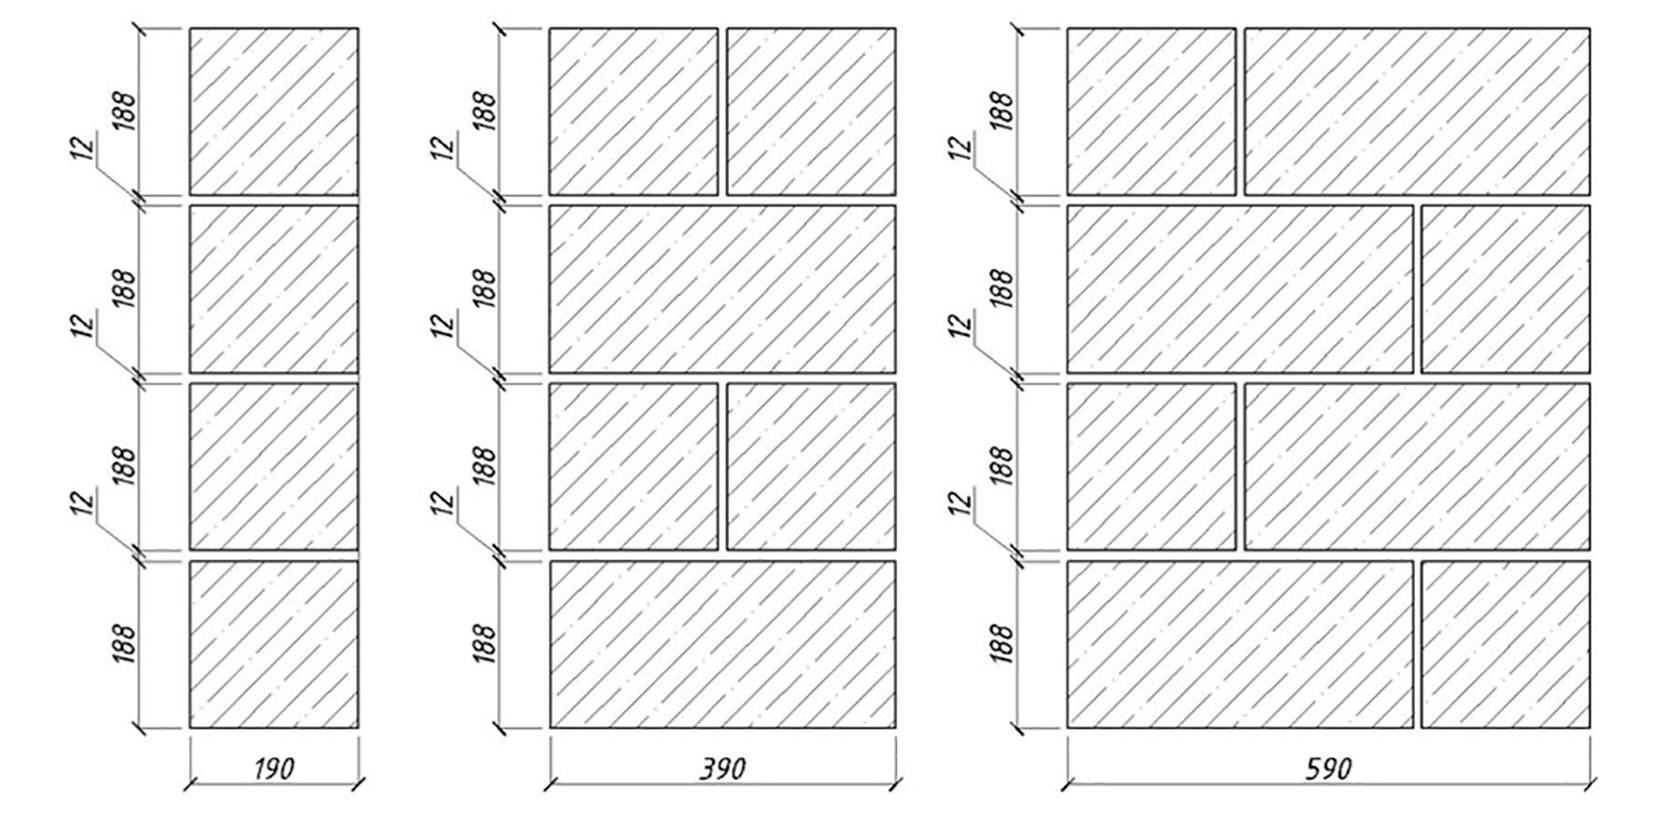 Керамзитобетон несущие стены определить толщину стены из керамзитобетона